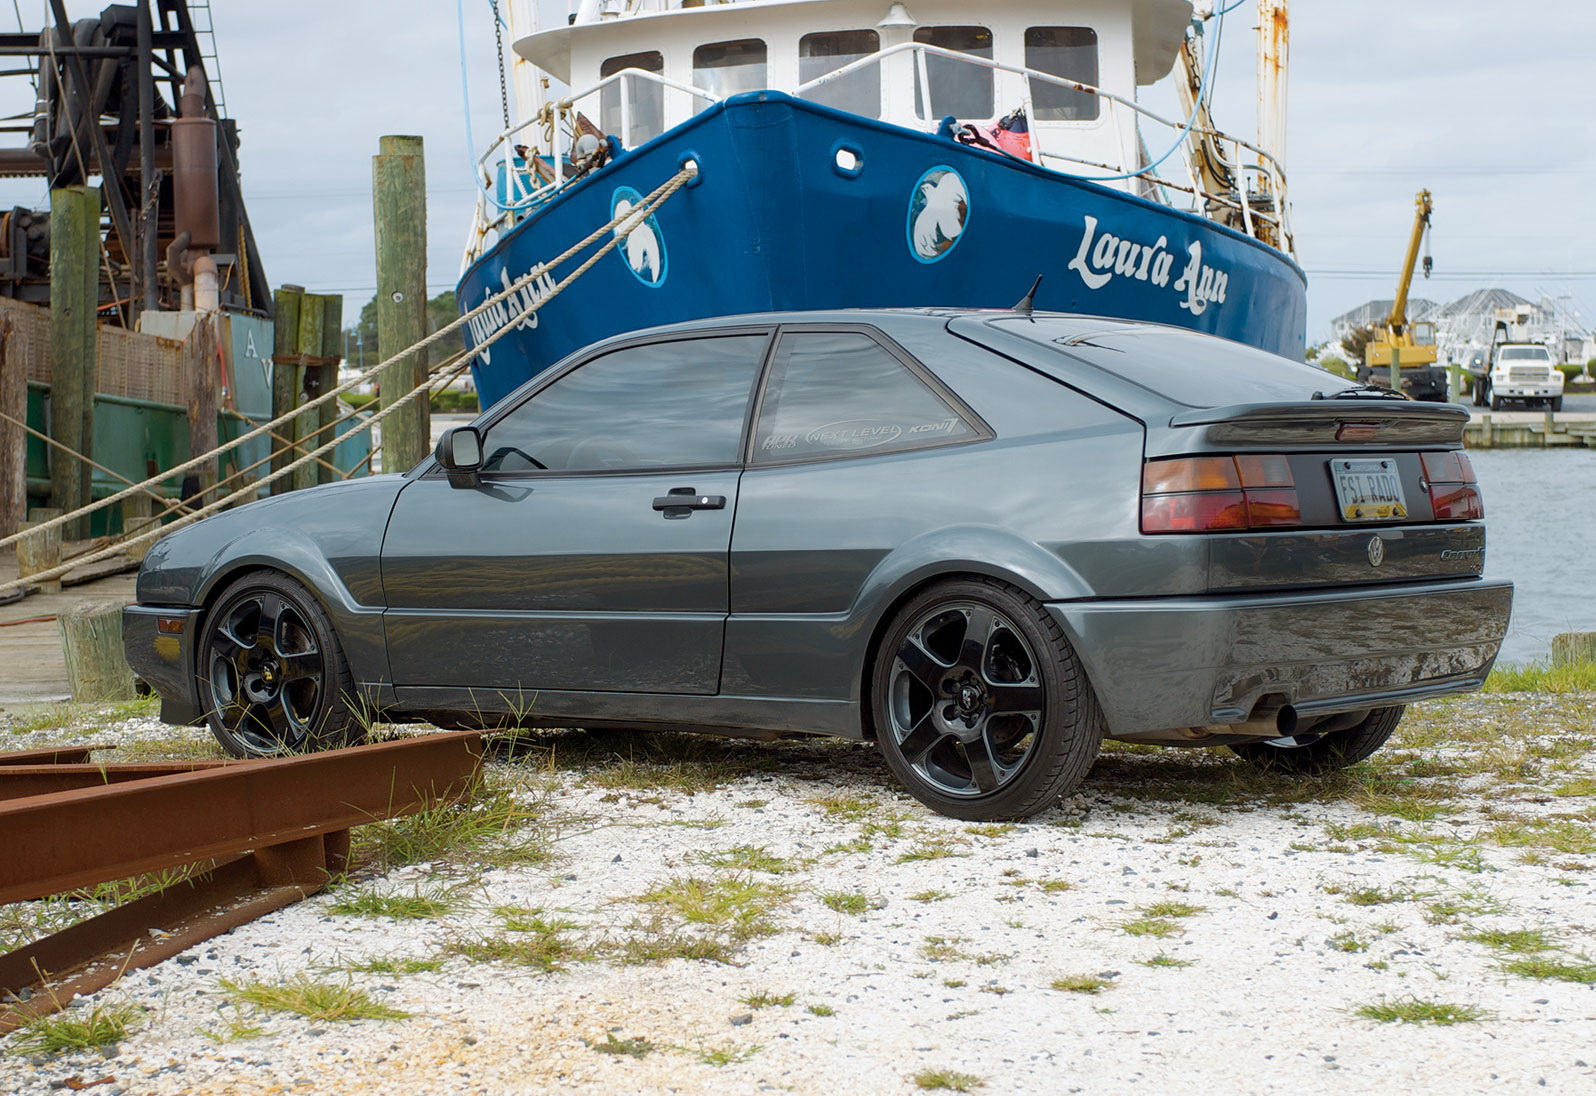 Corrado GLI 1992 - Corrado GLI 1992